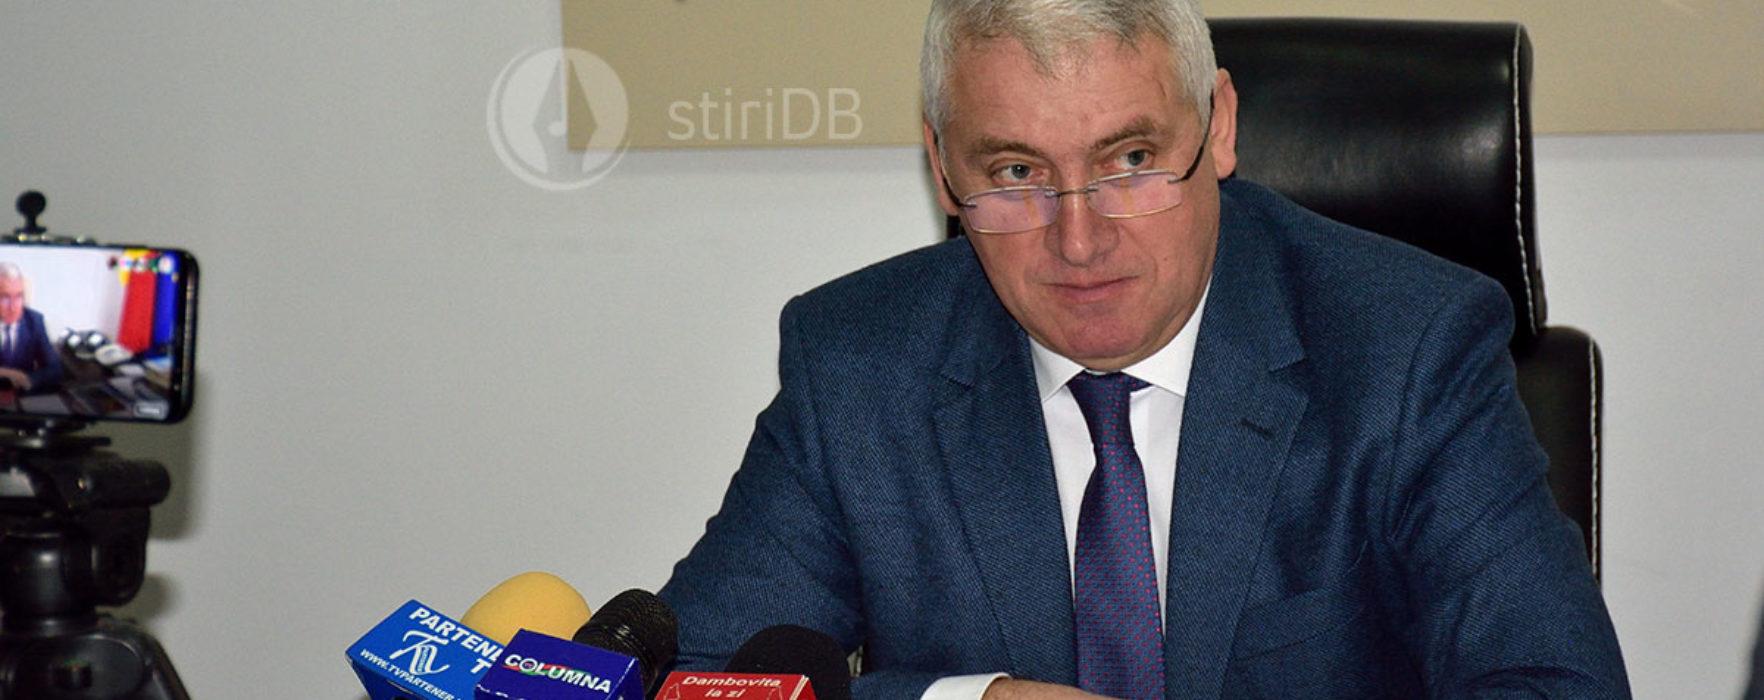 Ţuţuianu: Subvenţiile acordate partidelor parlamentare trebuie reduse; e imoral să ia 35-36 de milioane de euro pe an